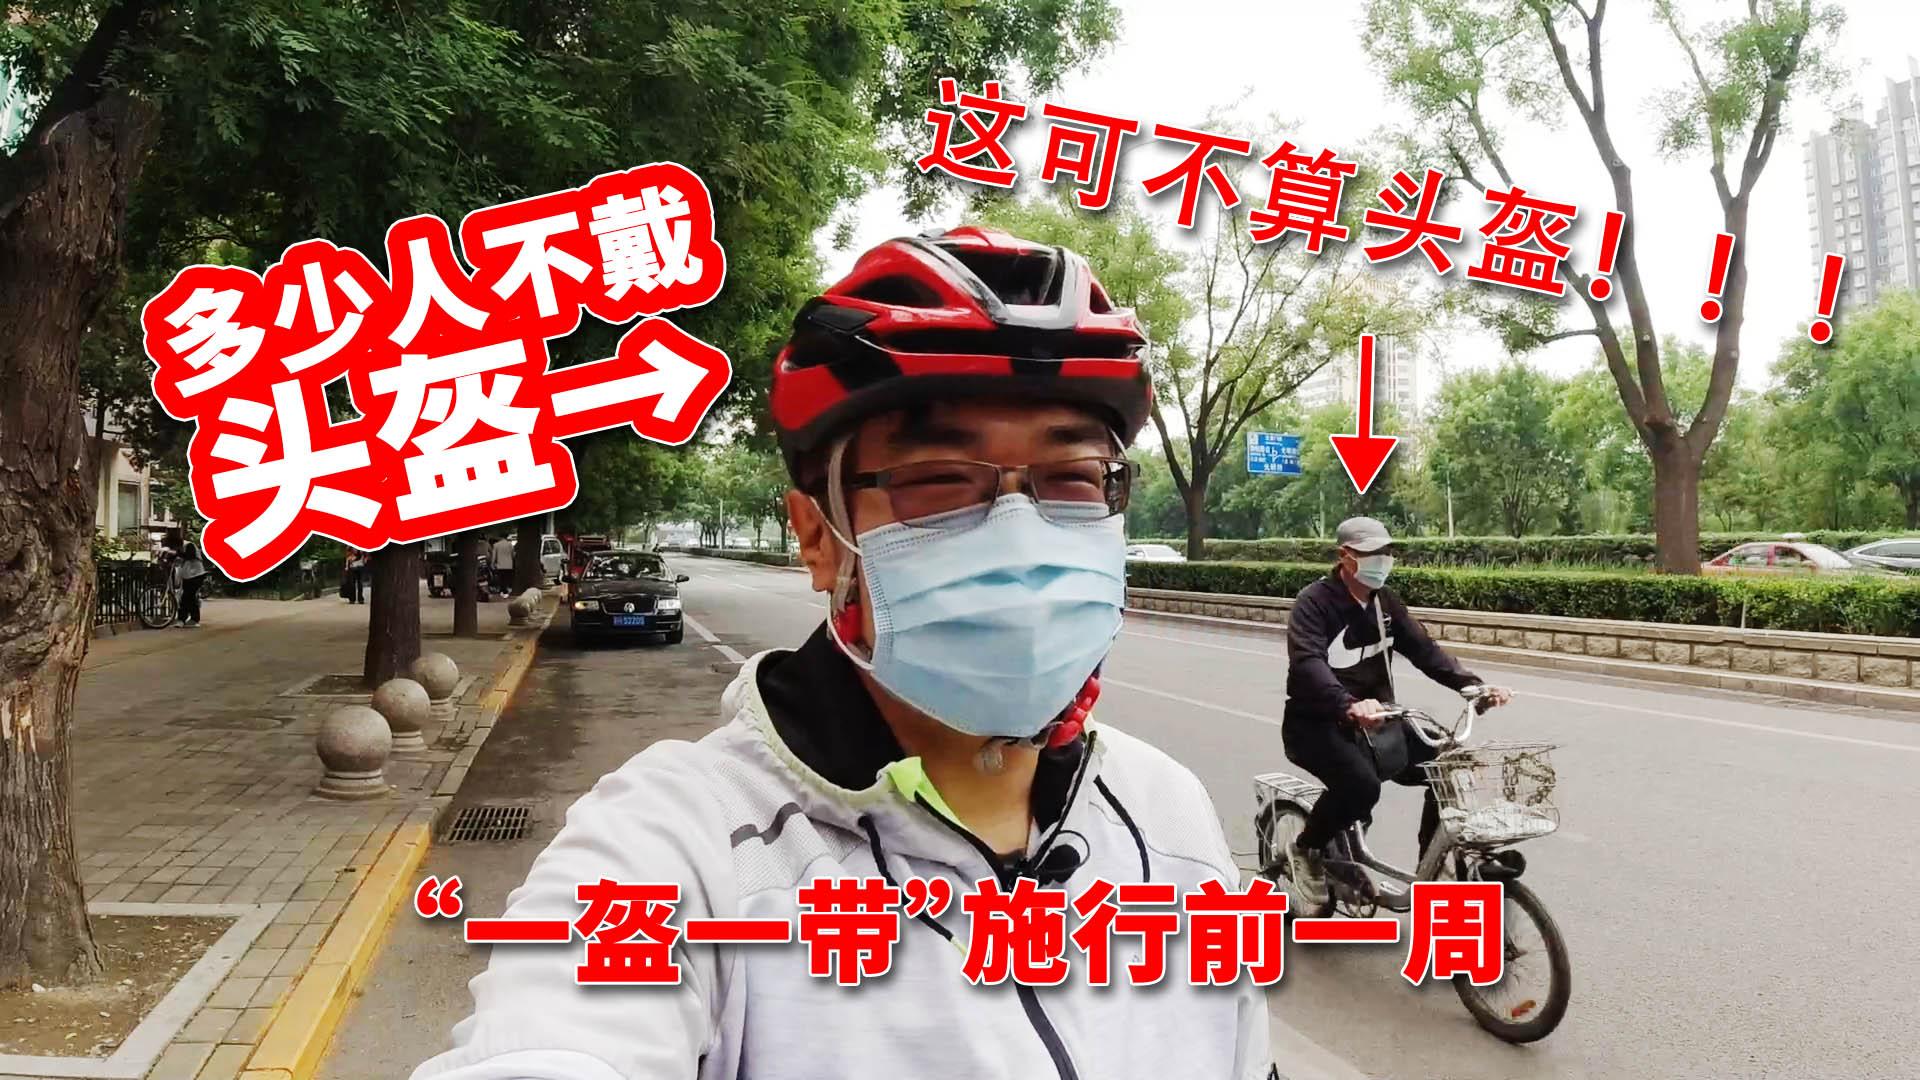 【一盔一带】北京的路上有多少骑电动车的人会戴头盔?结果令人震惊(非标题党 @Sofronio